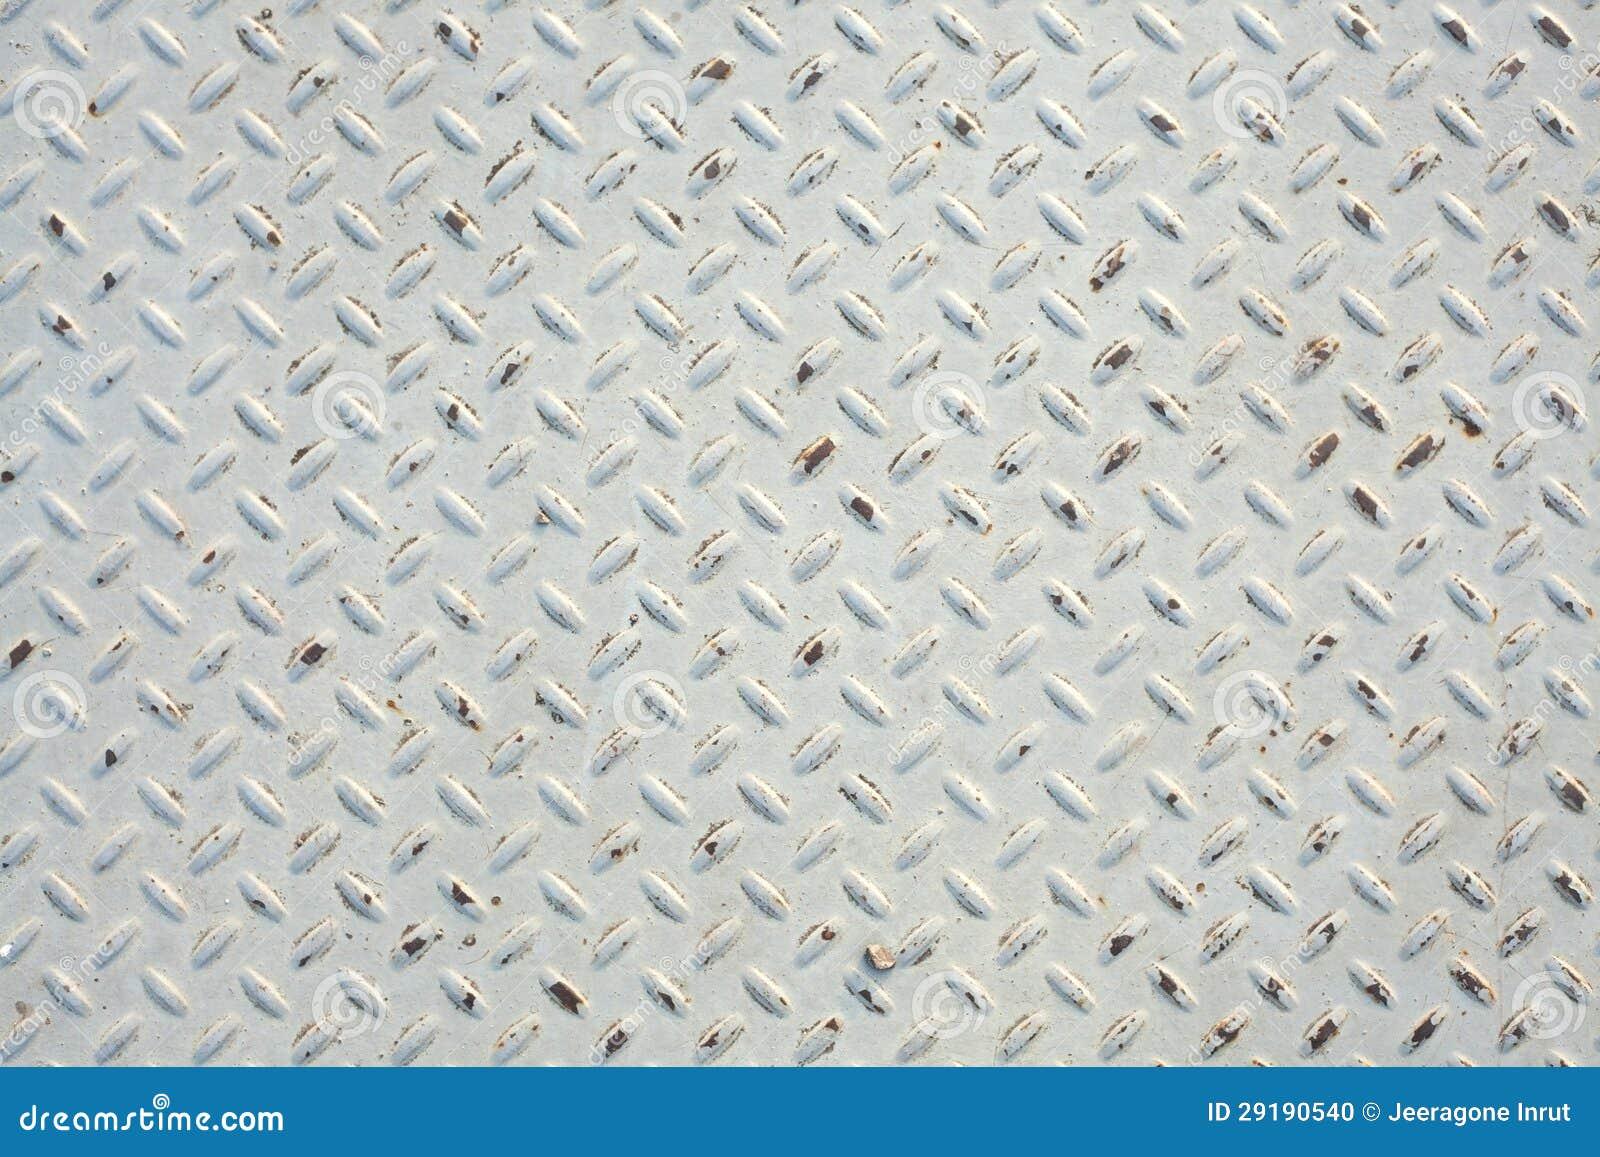 white diamond background - photo #22